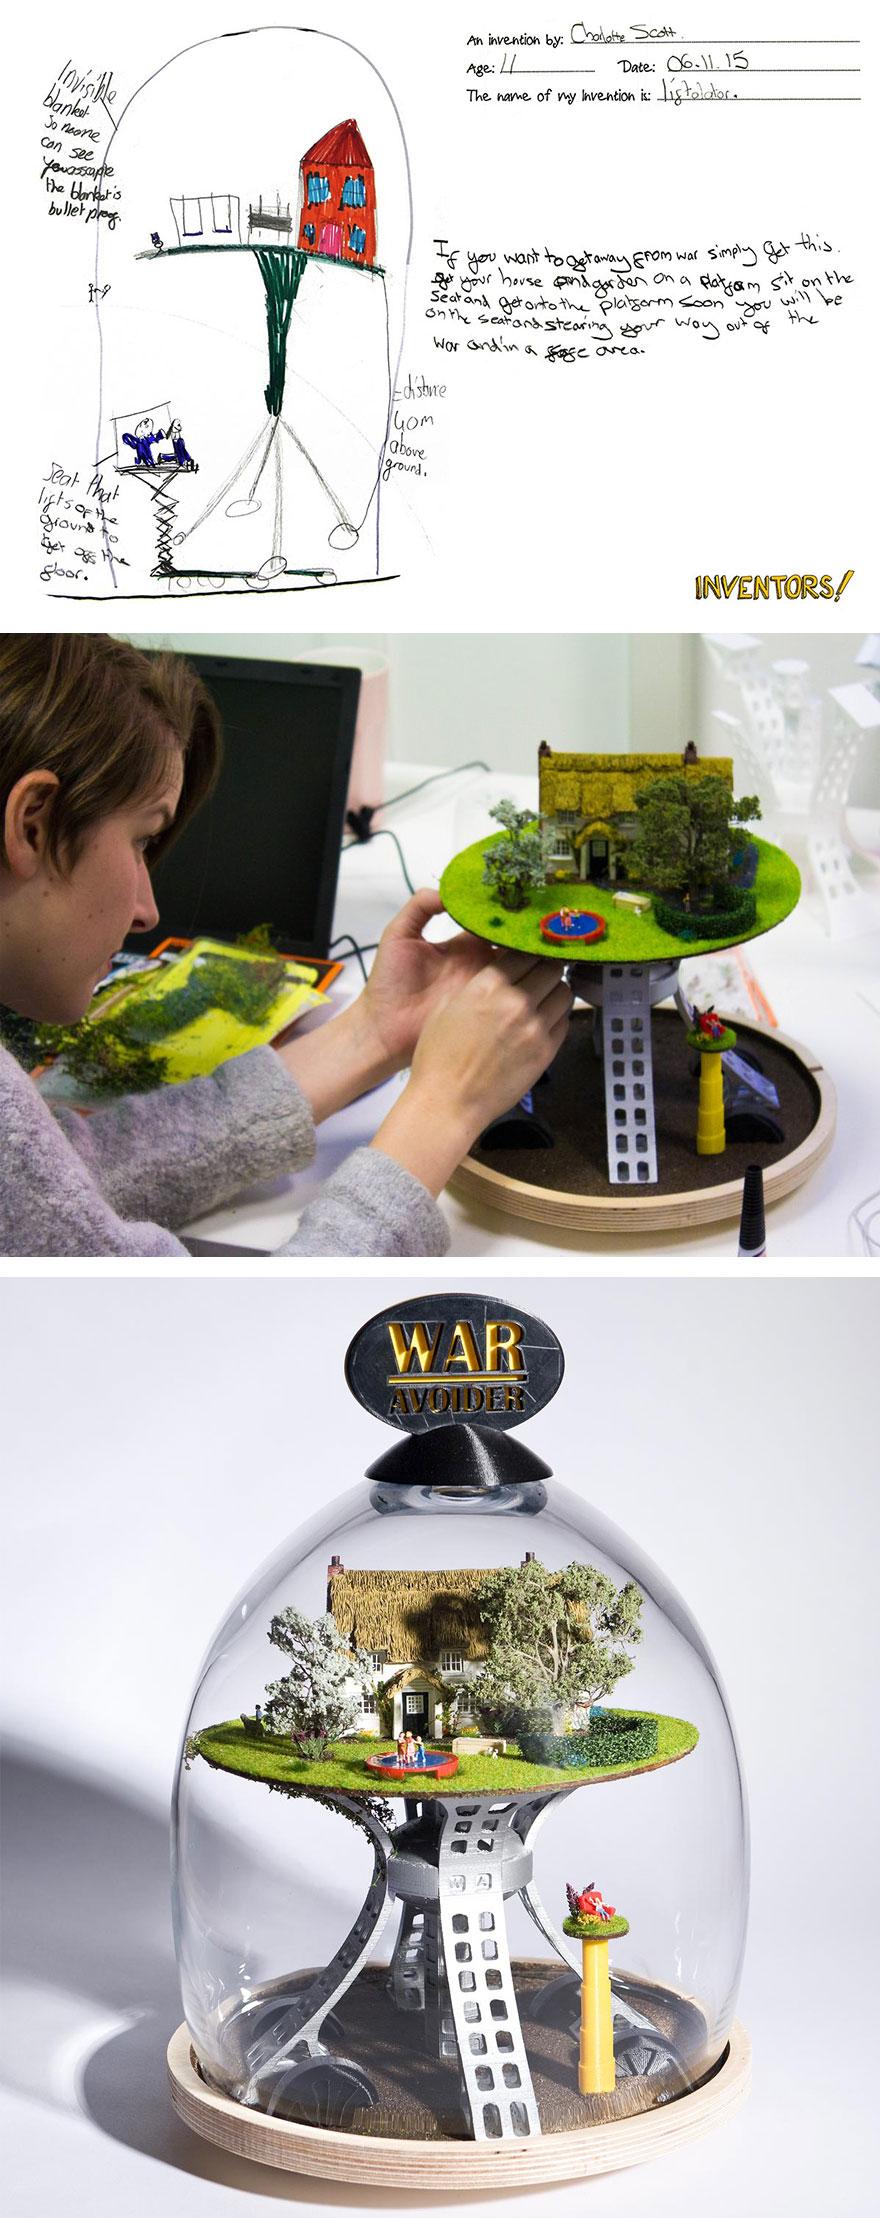 7 The Liftolator (War Avoider)